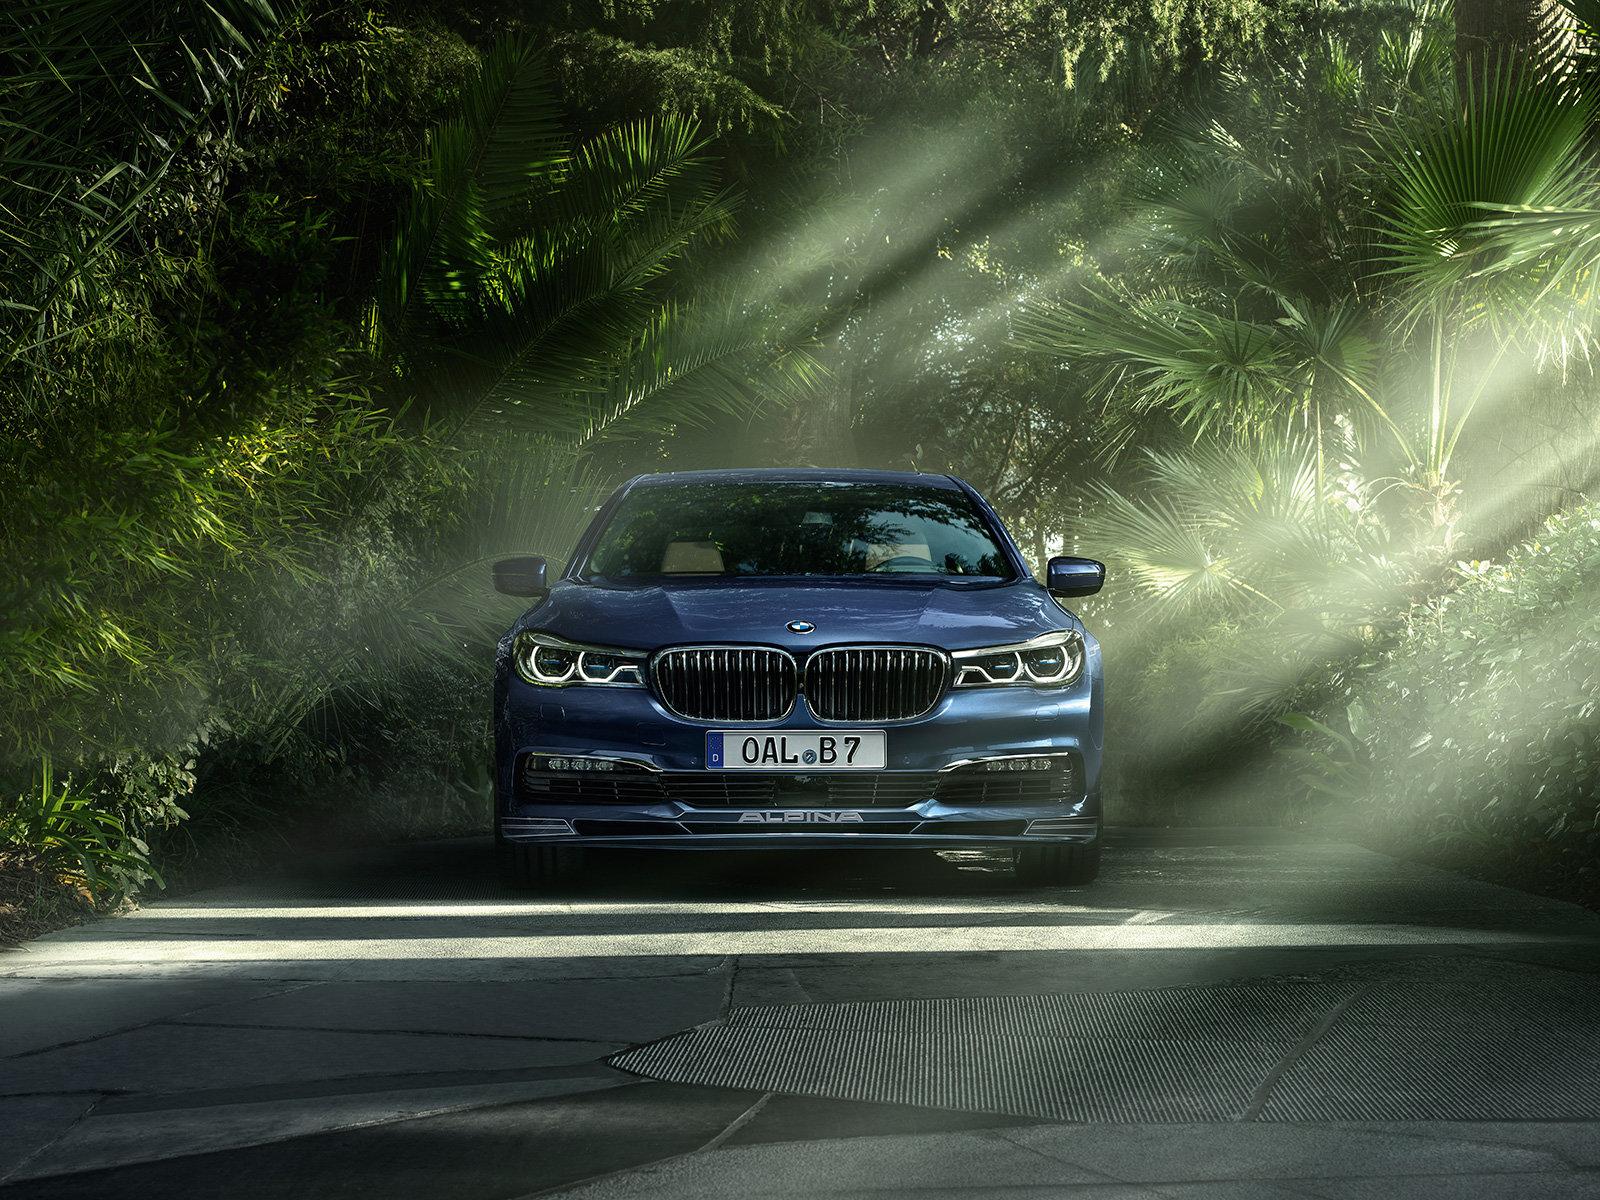 Nejrychlejší BMW řady 7 je na světě, opět nosí logo Alpina a označení B7 Bi-Turbo - anotační foto